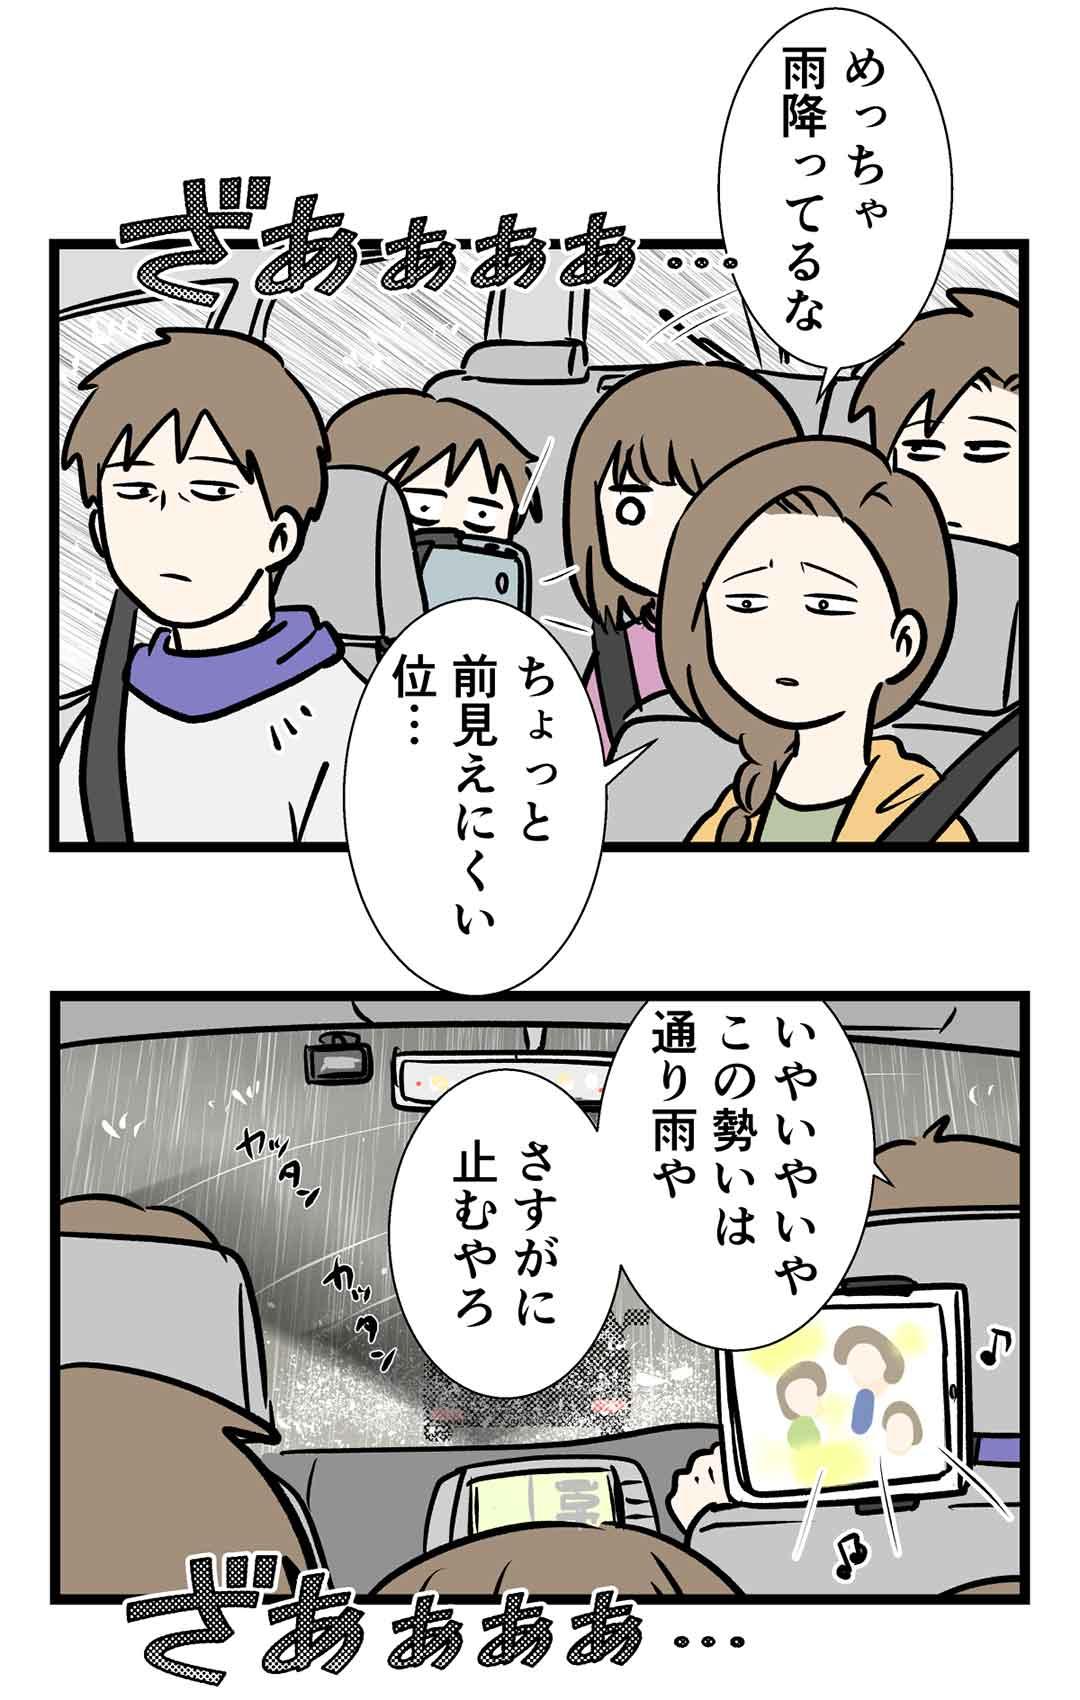 雨の鈴鹿サーキットキャンプ 夏の旅(2)